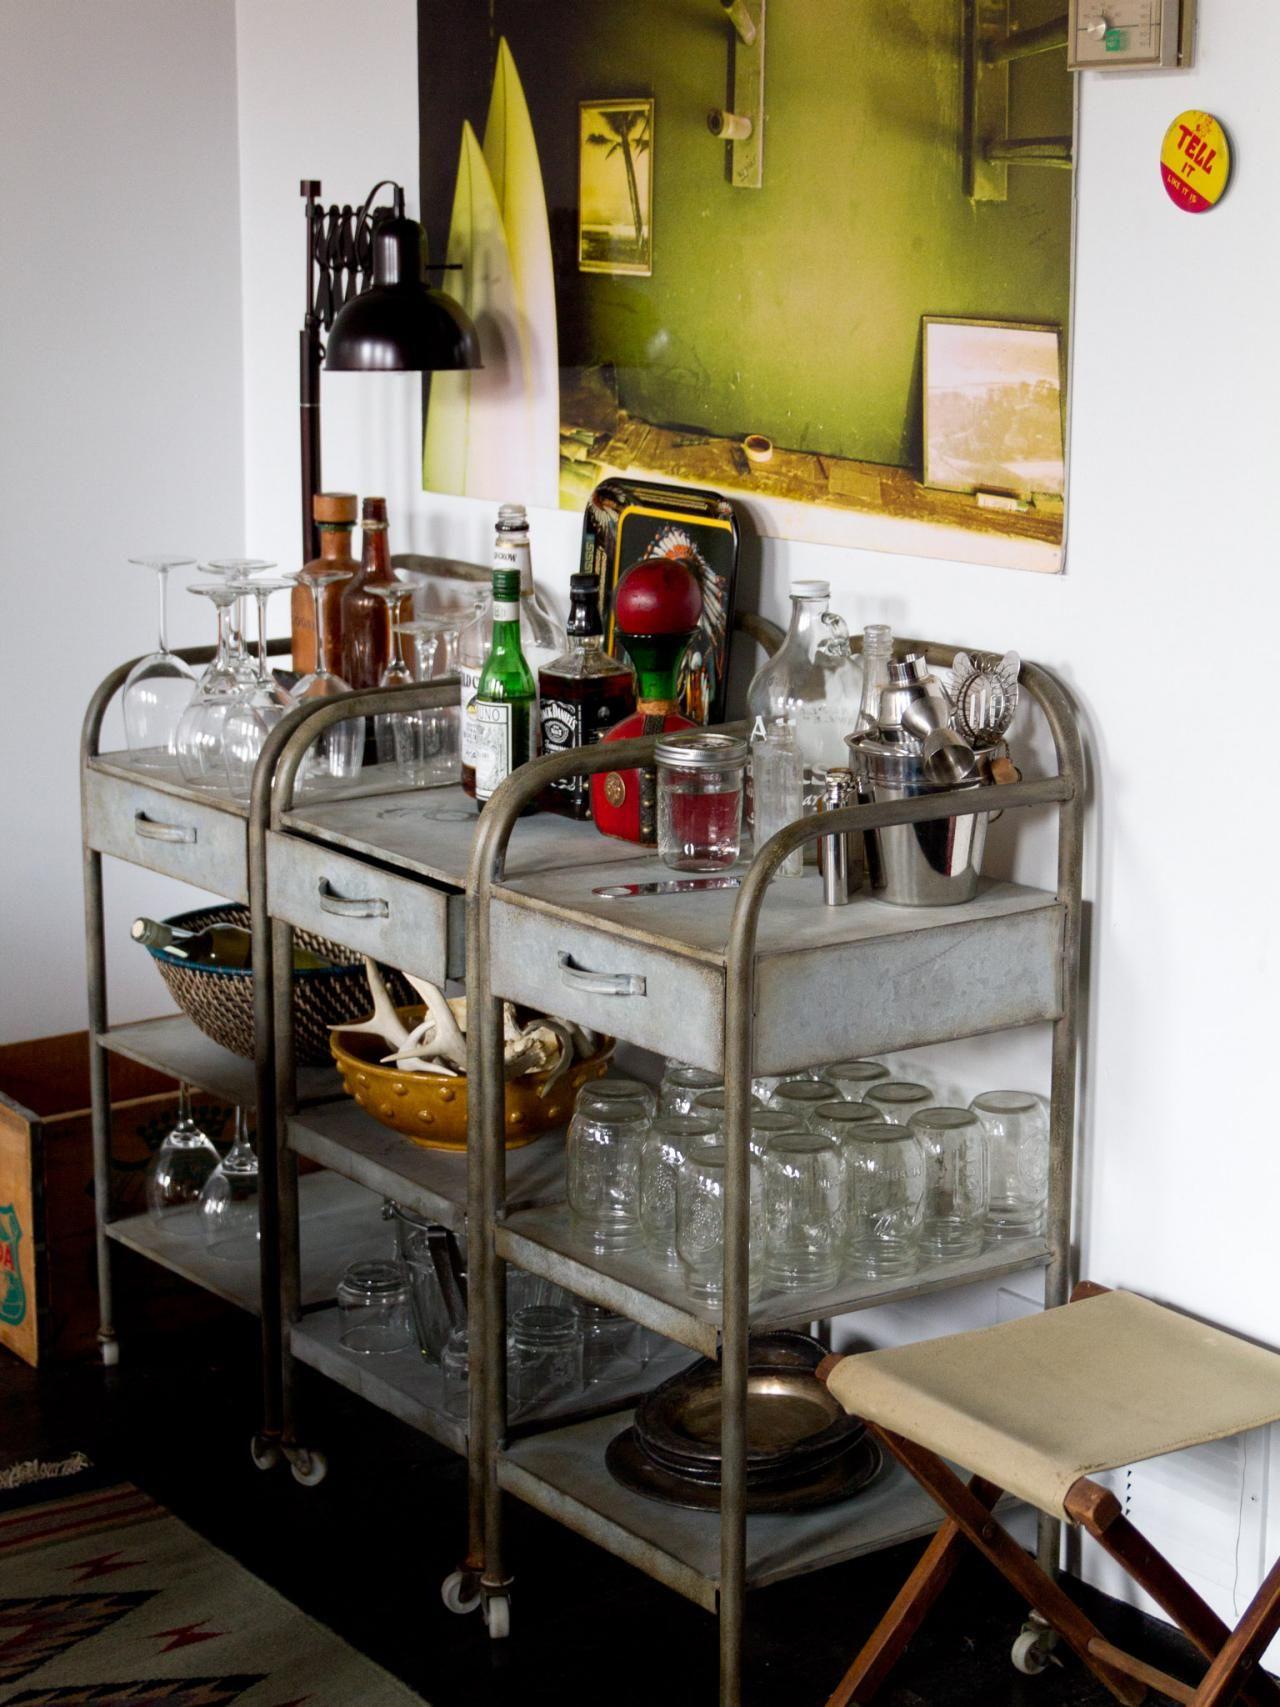 15 stylish small home bar ideas area home bar decor - Small home bar ideas ...